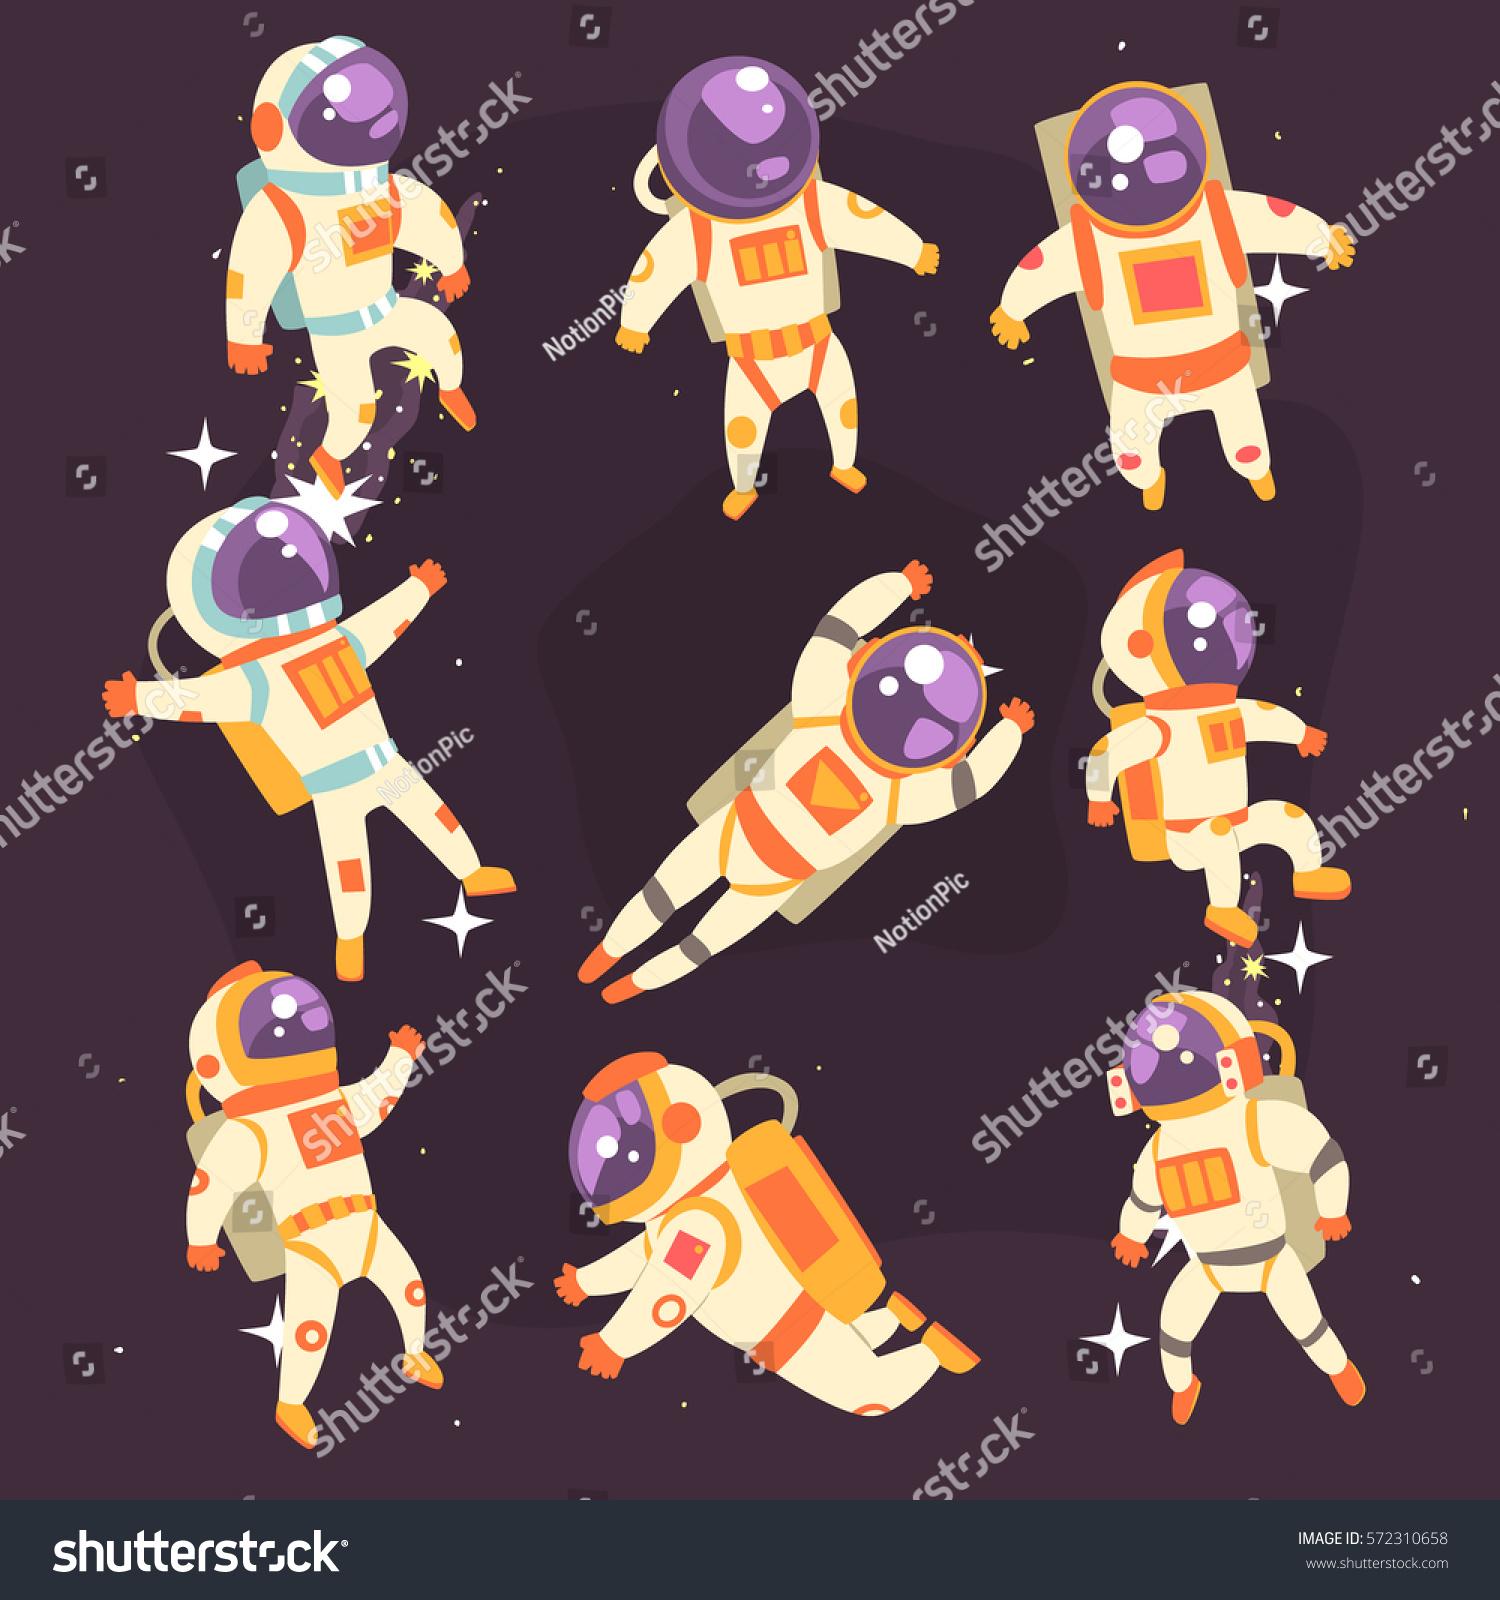 rocket space suit illustrations - photo #25